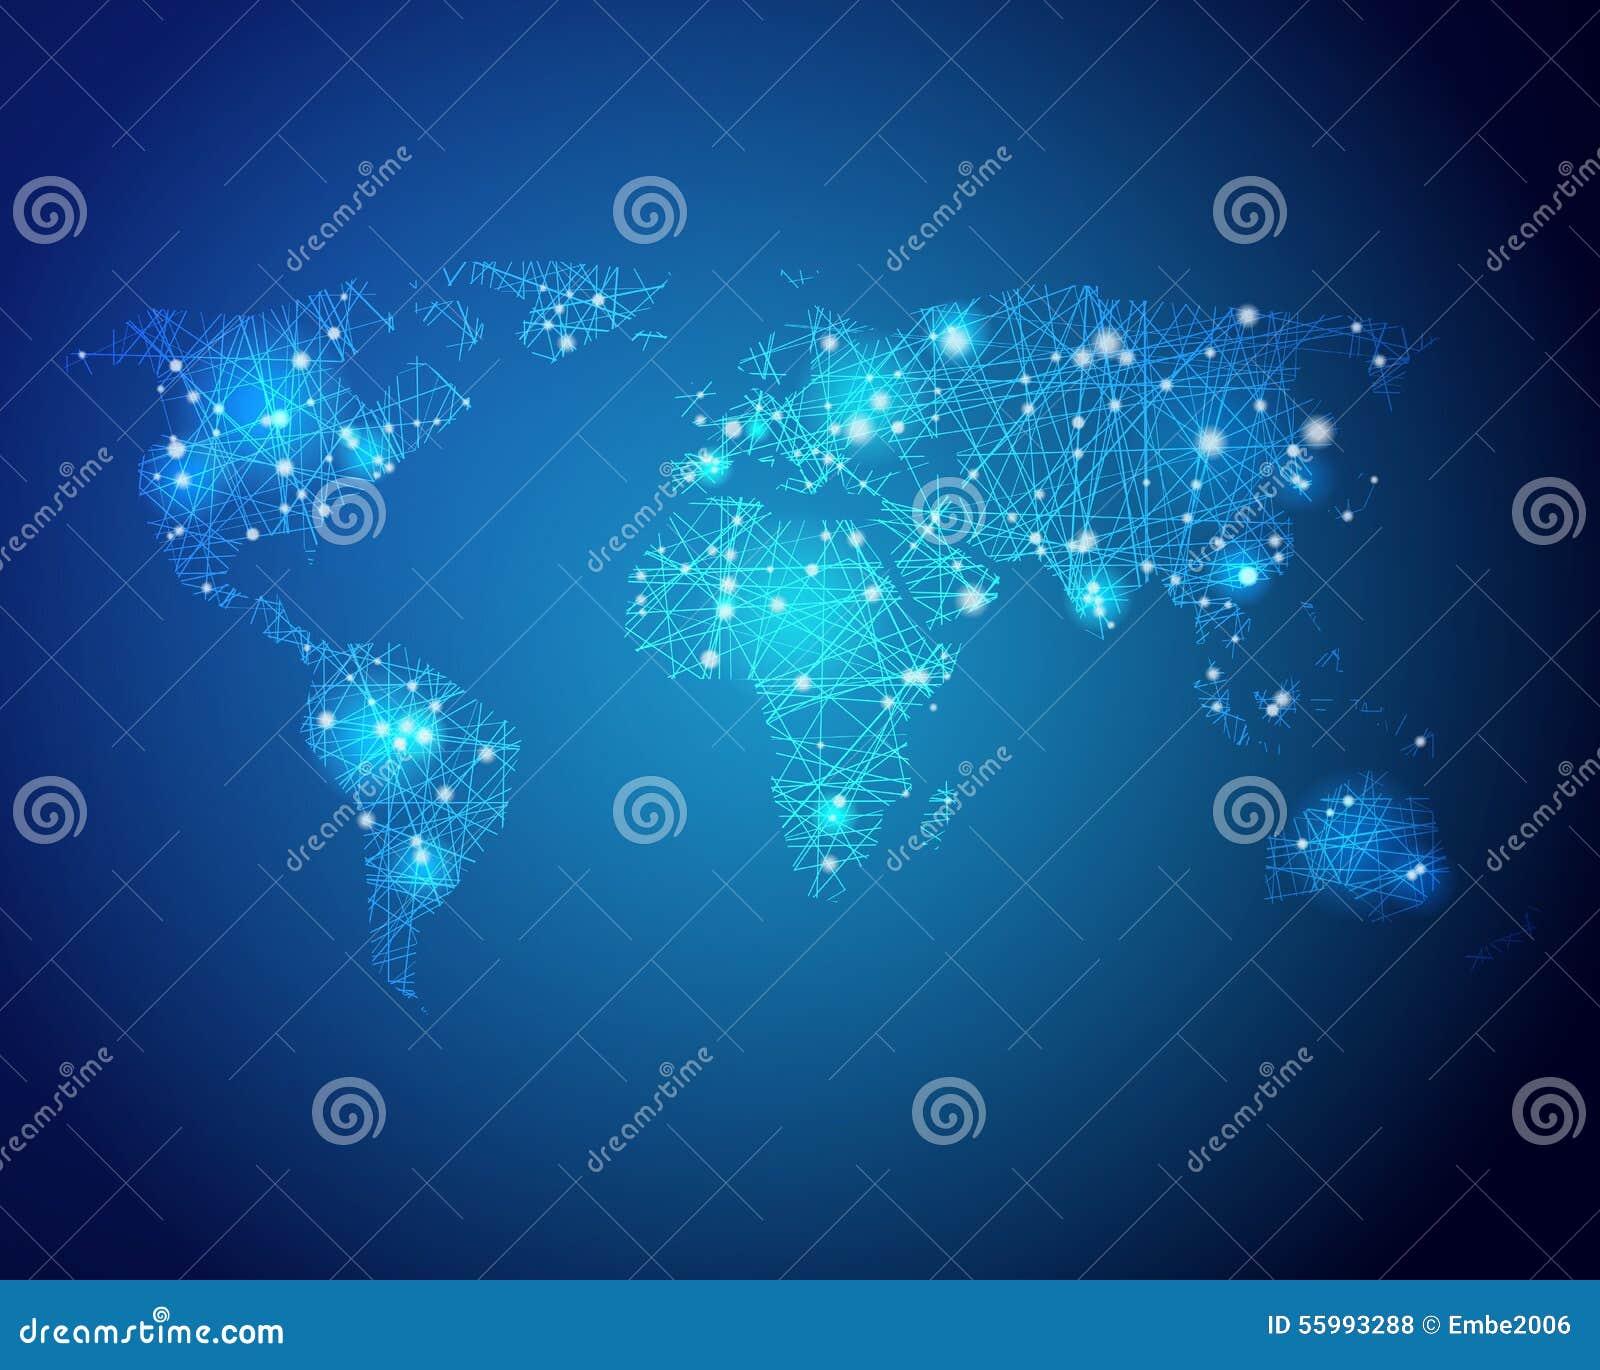 Technology world map